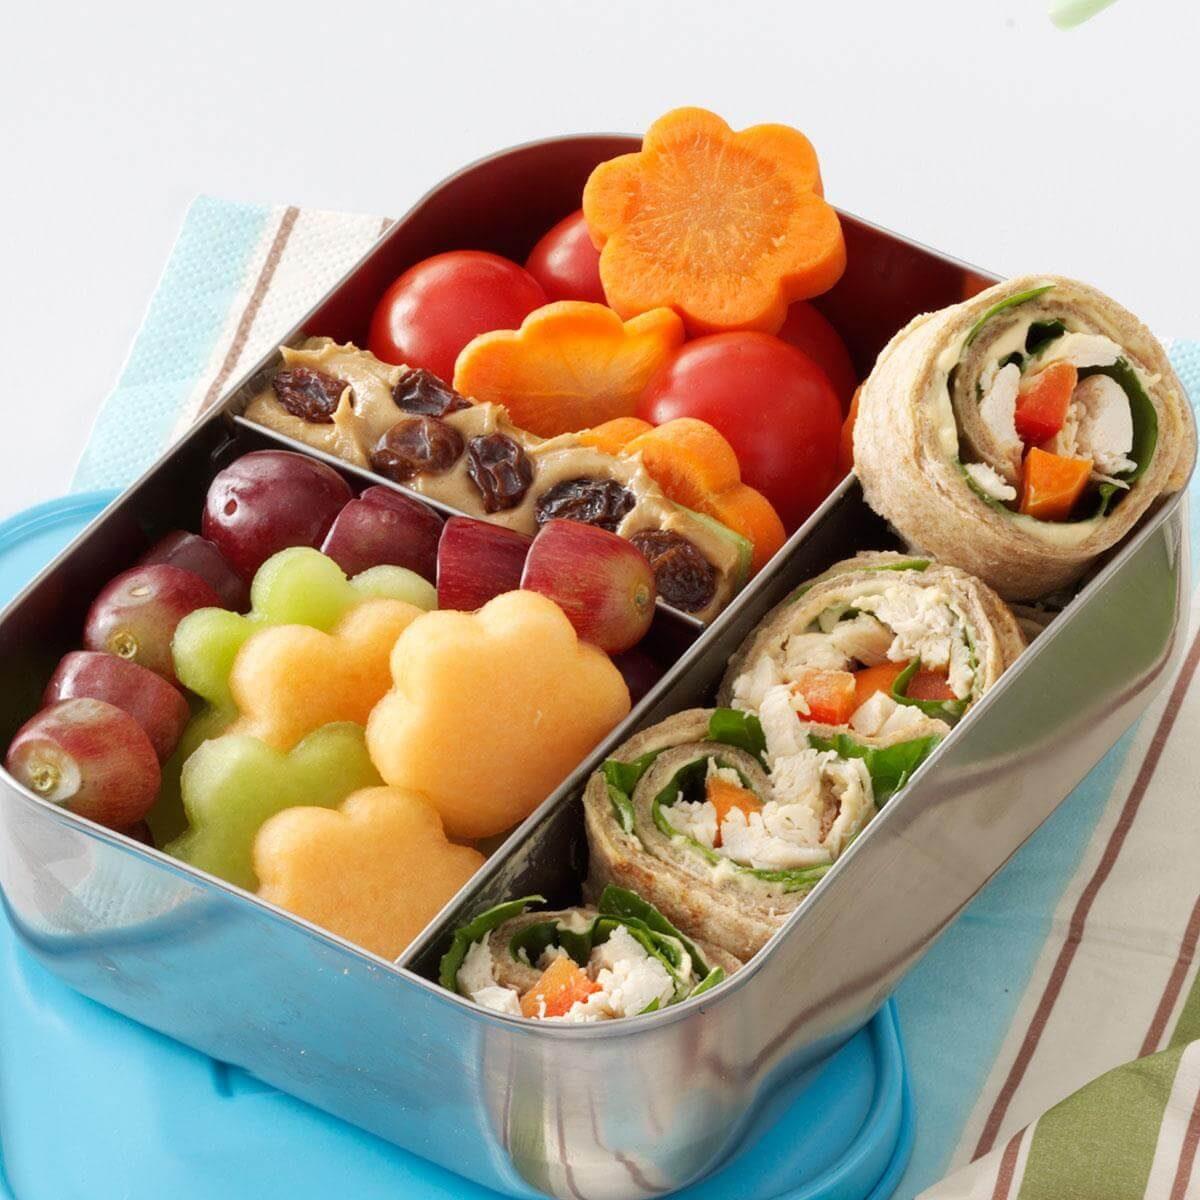 Easy School Lunch Ideas-Lunch box wrap